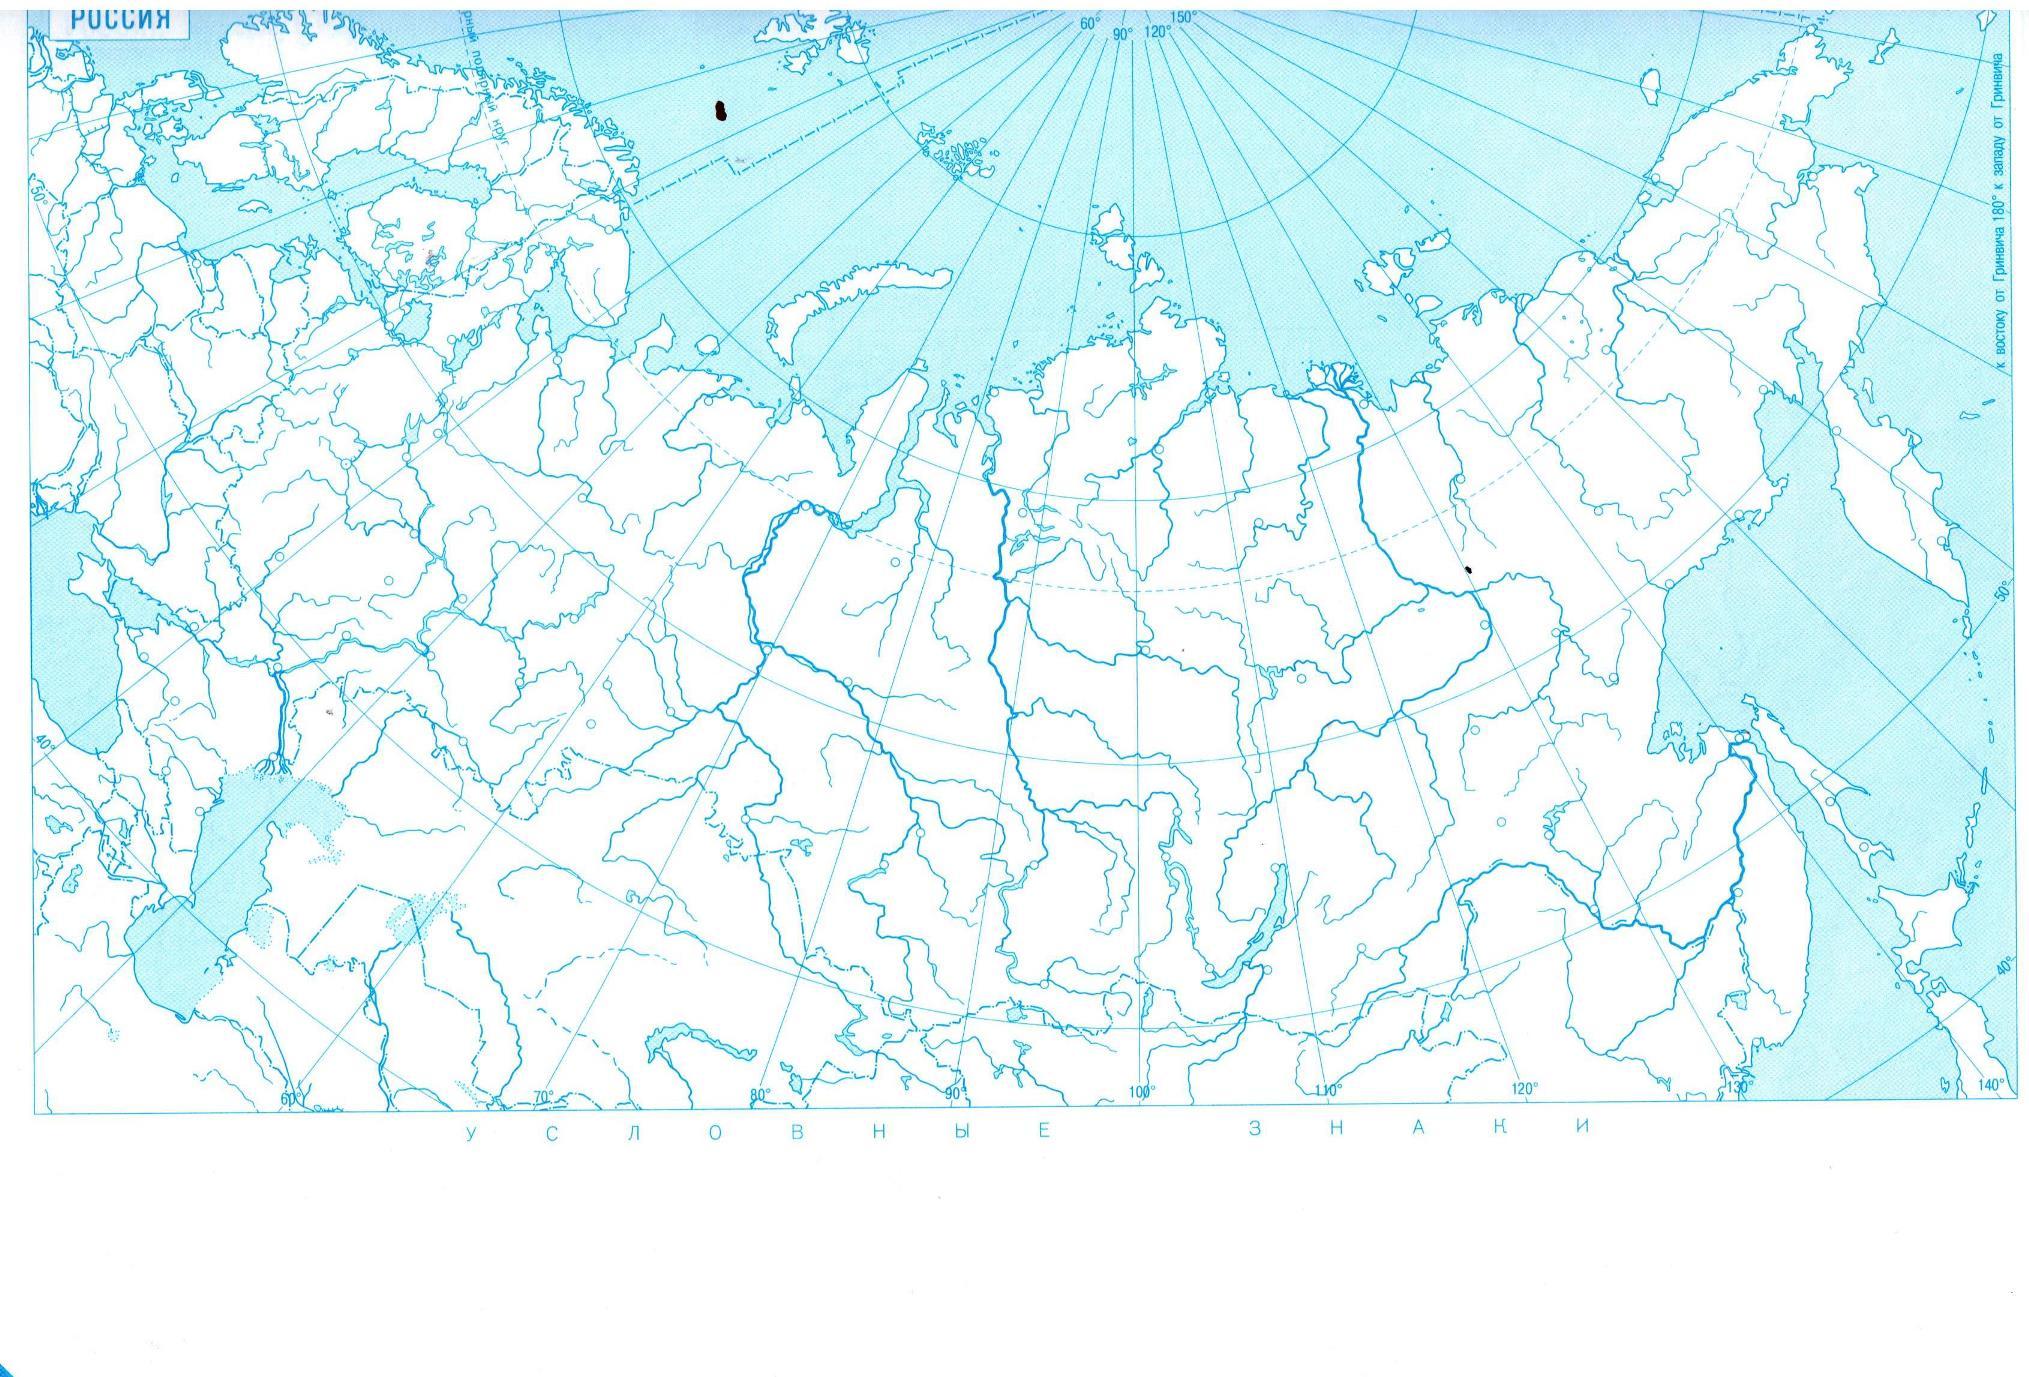 Выполнение контурной карты по географии за 8 класс тема тектонические строение